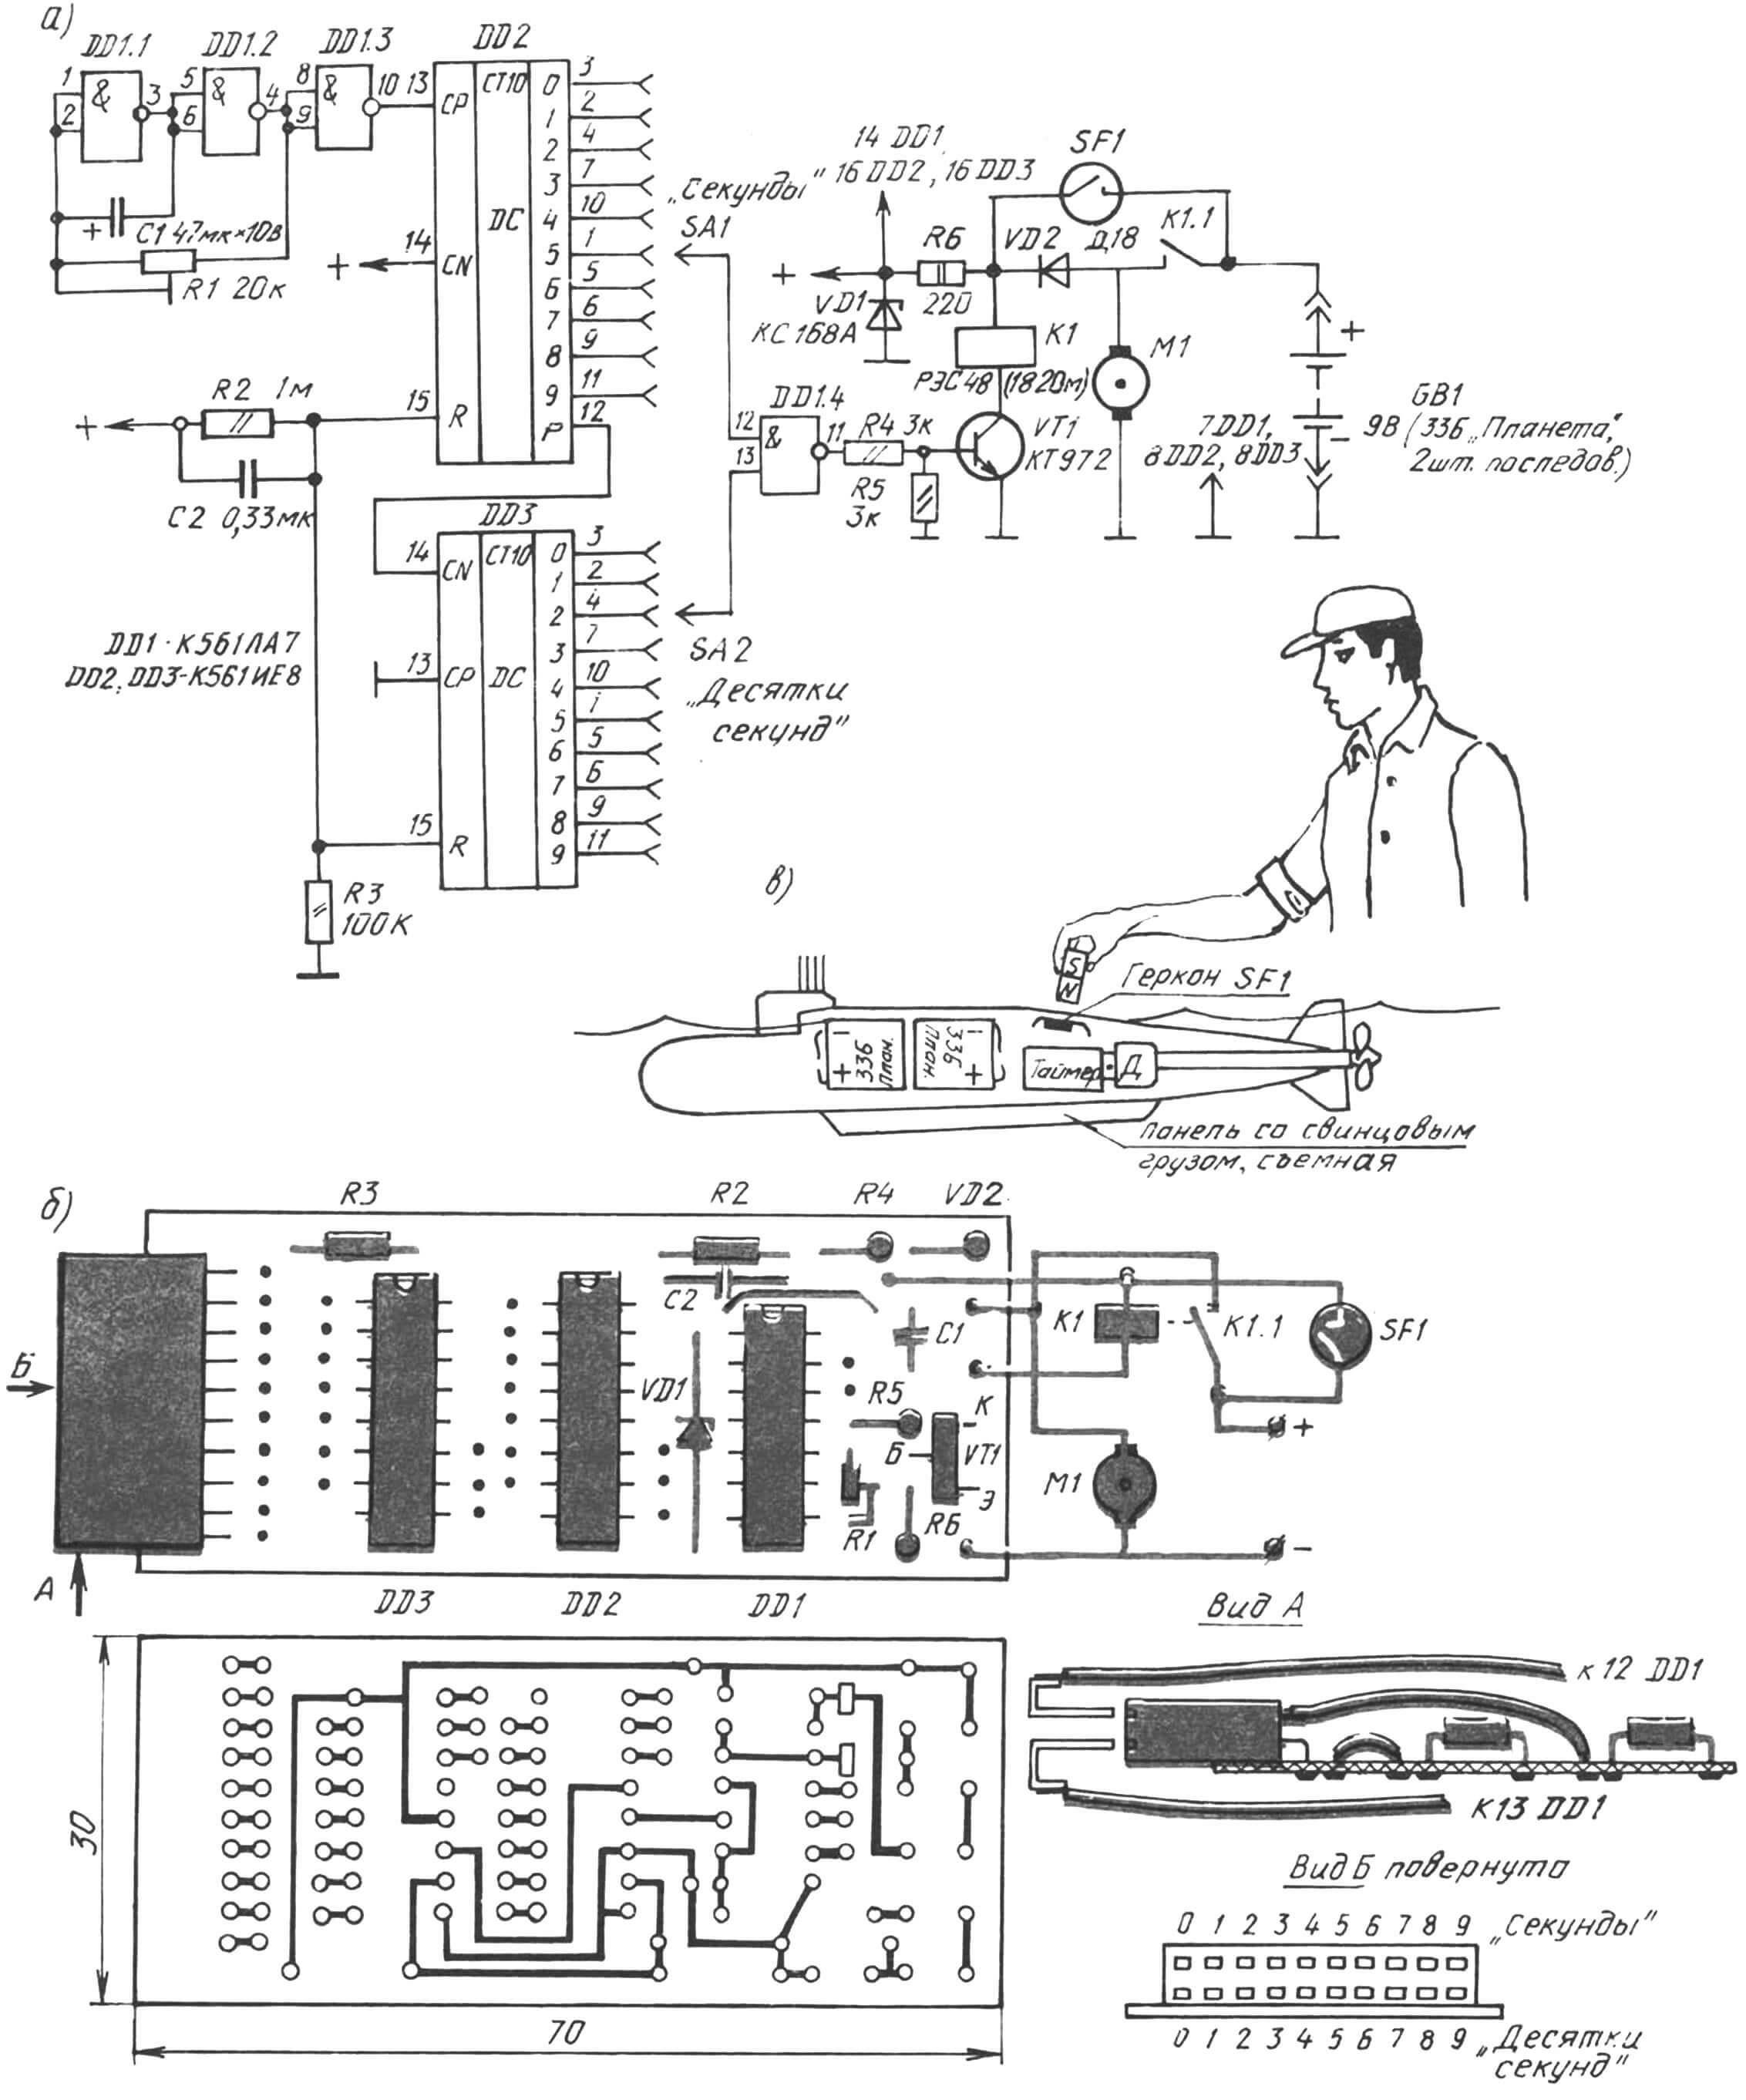 Рис. 1. Принципиальная электрическая схема (а), топология печатной платы (б) и способ запуска таймера на модели подводной лодки (в)